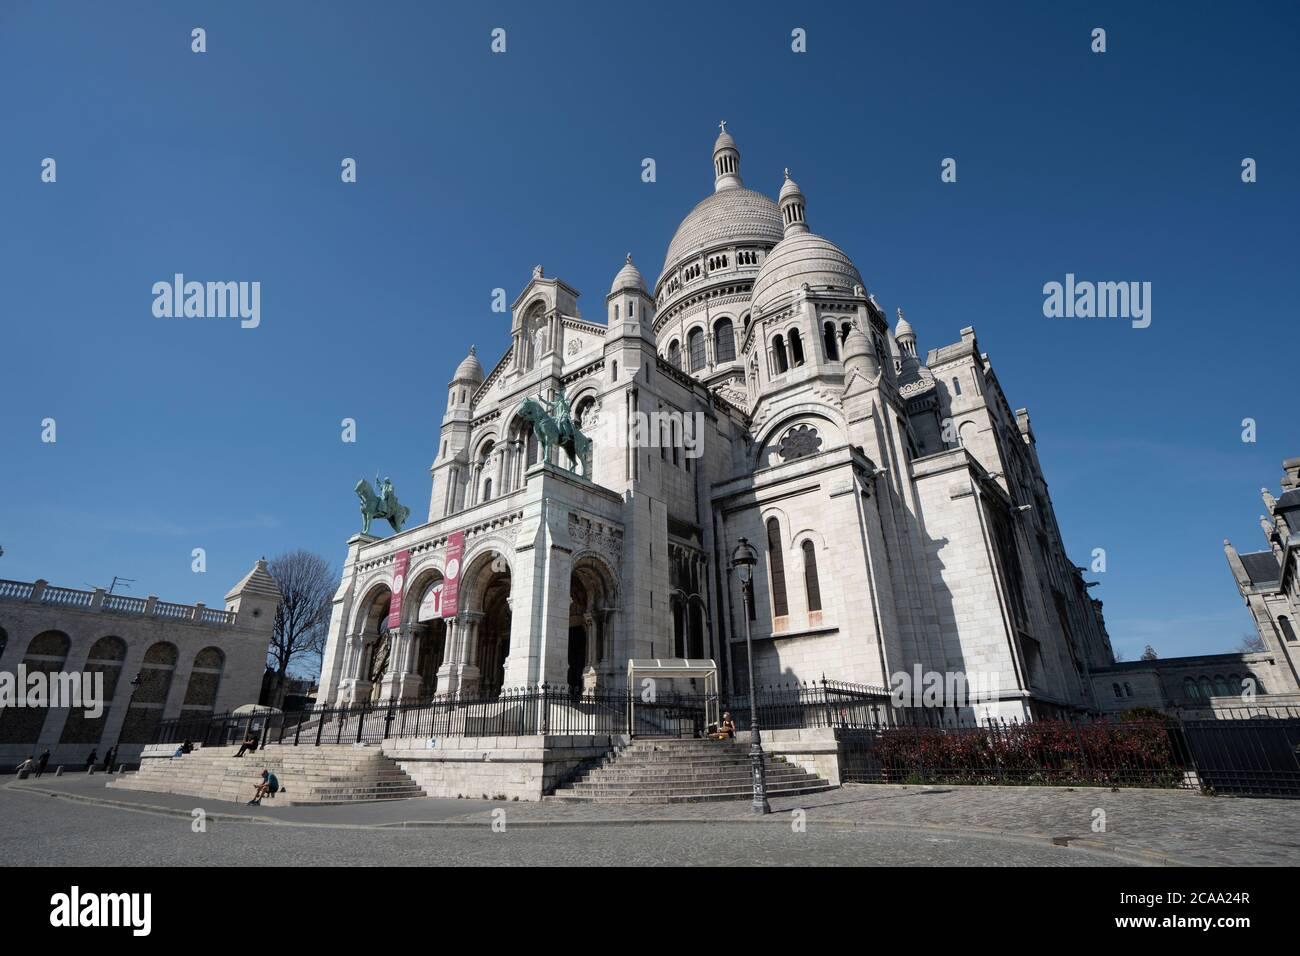 Parigi, vista della Basilica del sacro cuore nel quartiere di Montmartre Foto Stock